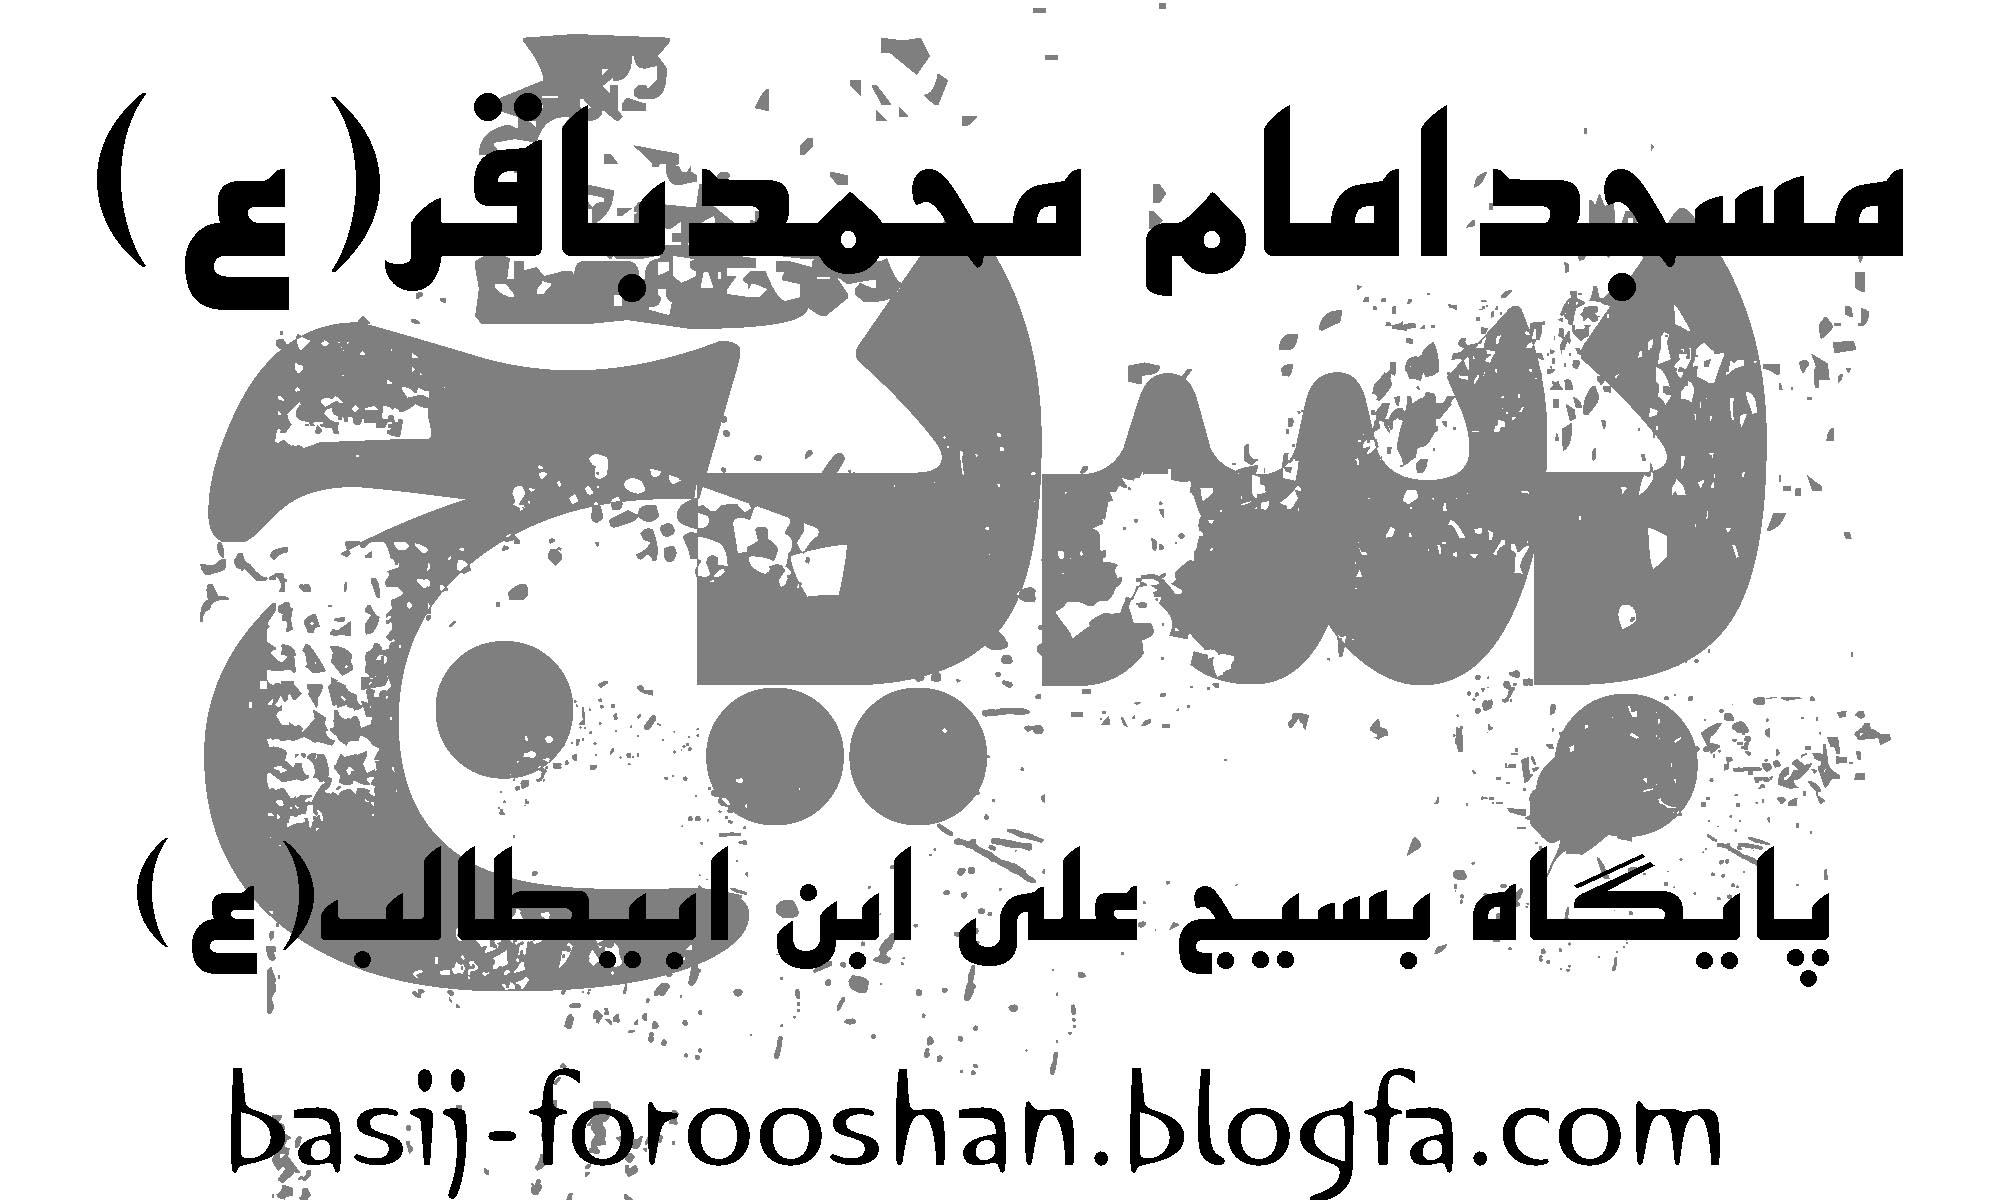 مسجد امام محمد باقر (ع) فروشان (پایگاه بسج علی بن ابیطالب(ع))